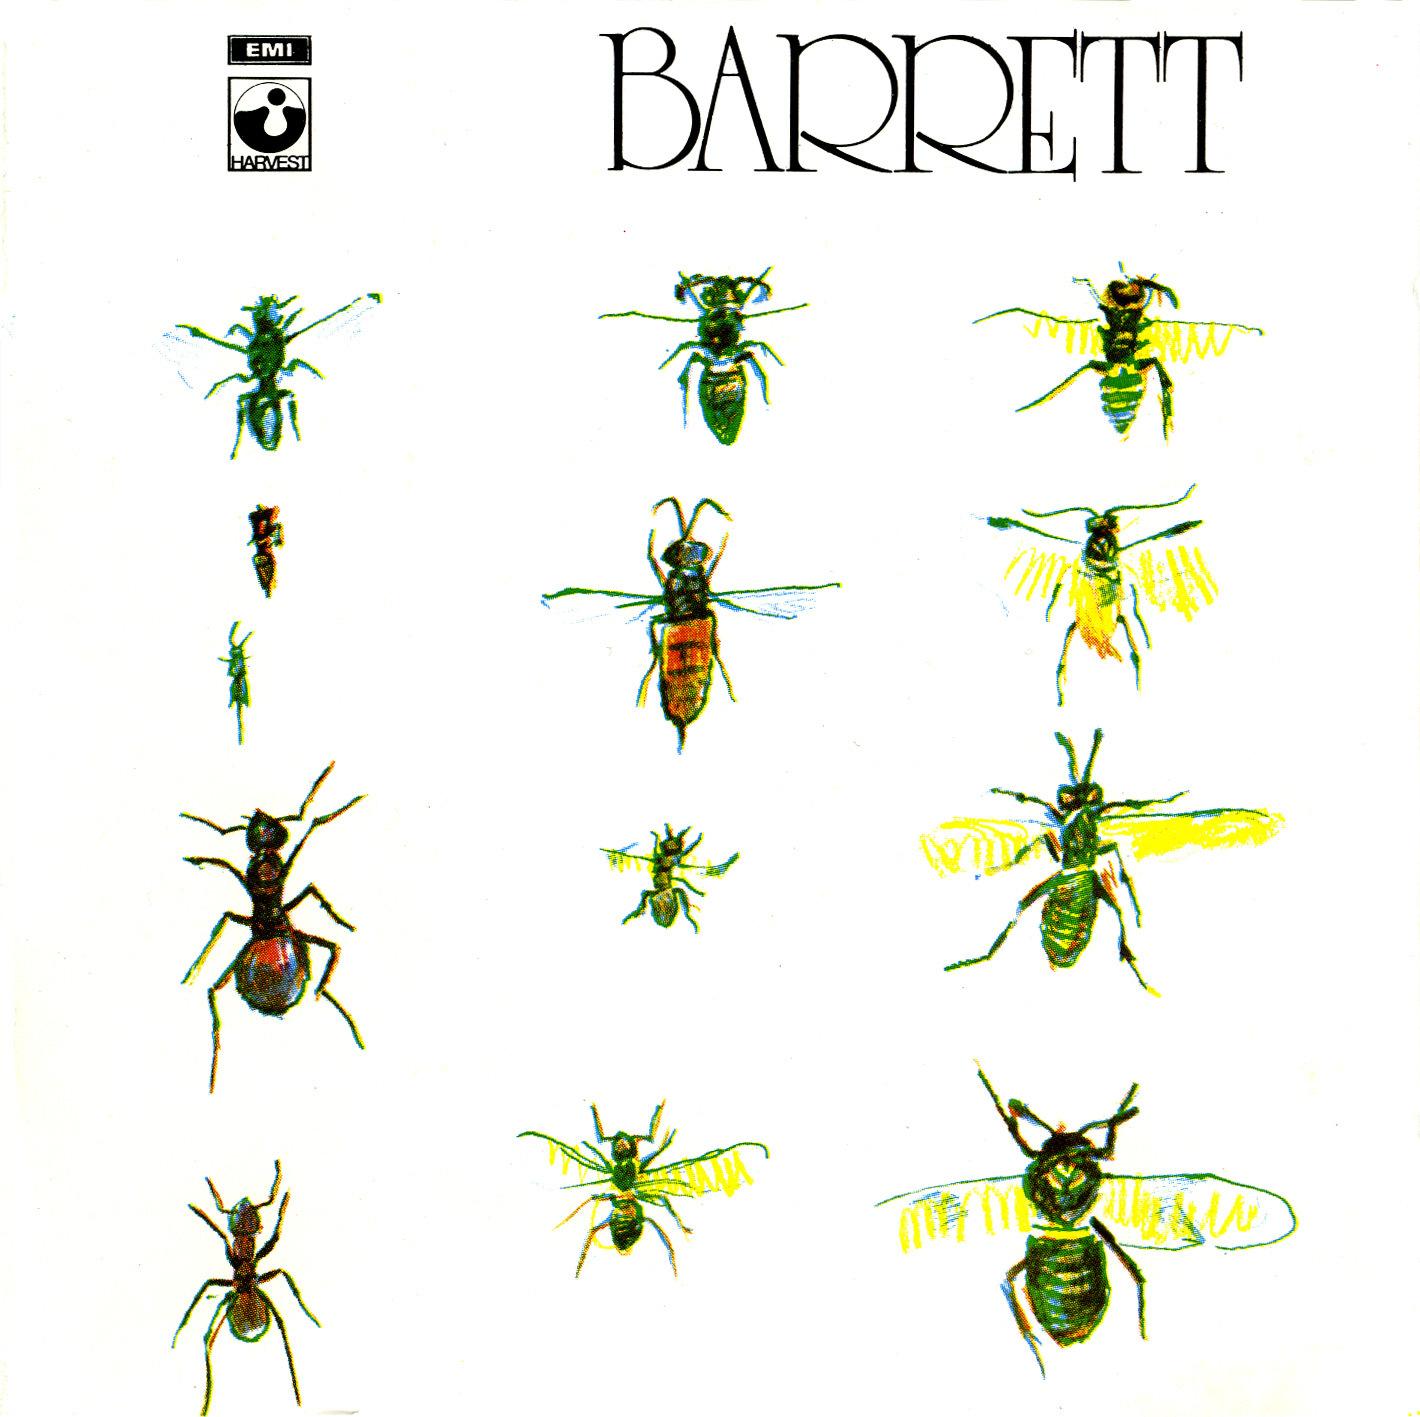 Syd BarrettВиниловые пластинки<br>Виниловая пластинка<br>